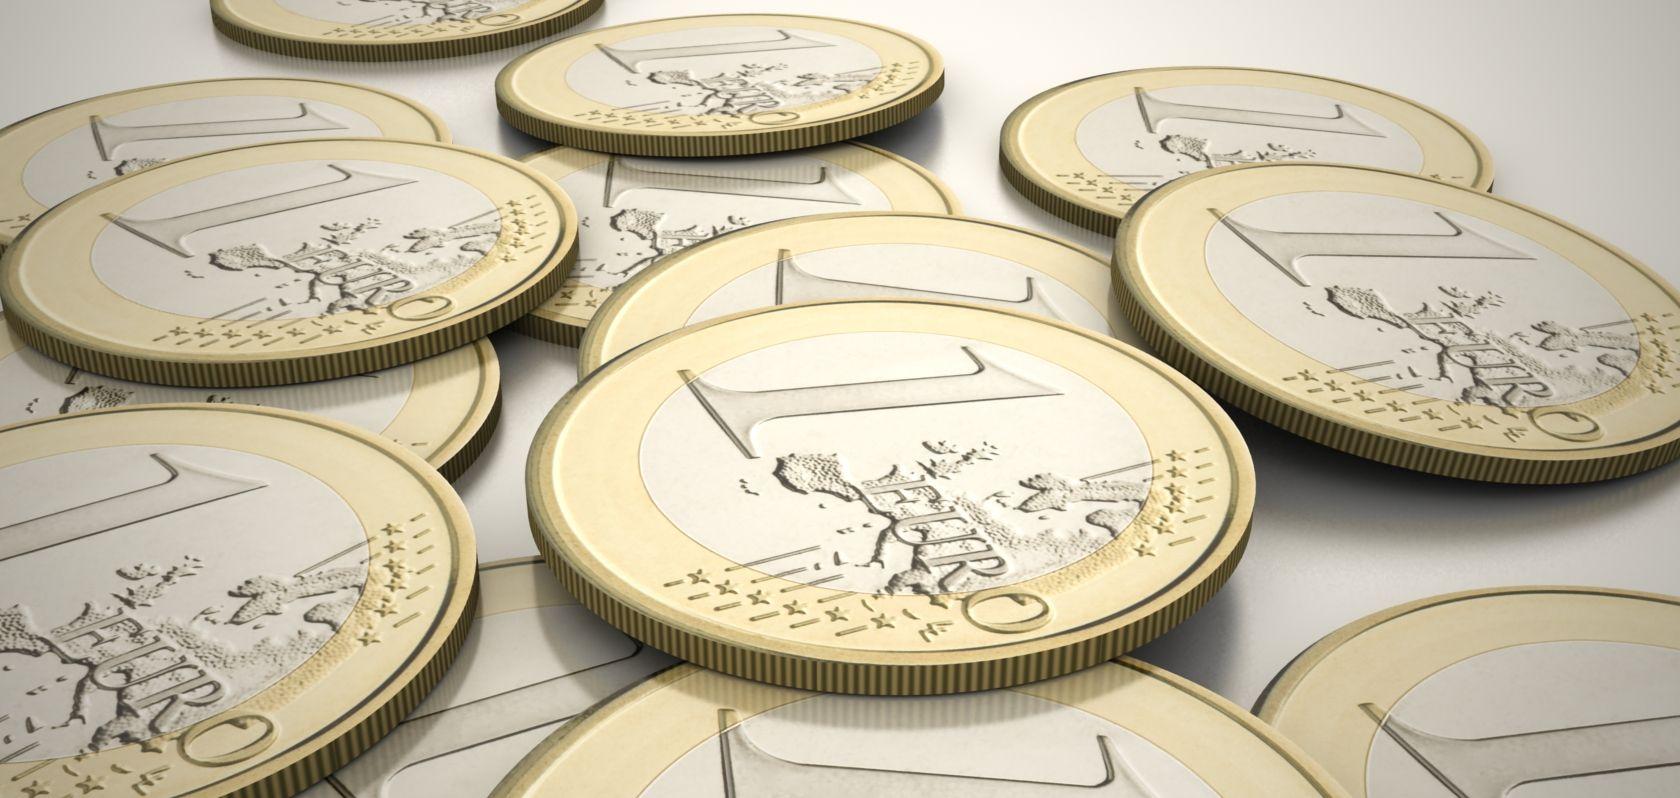 الأزمة اليونانية تدفع اليورو للتراجع